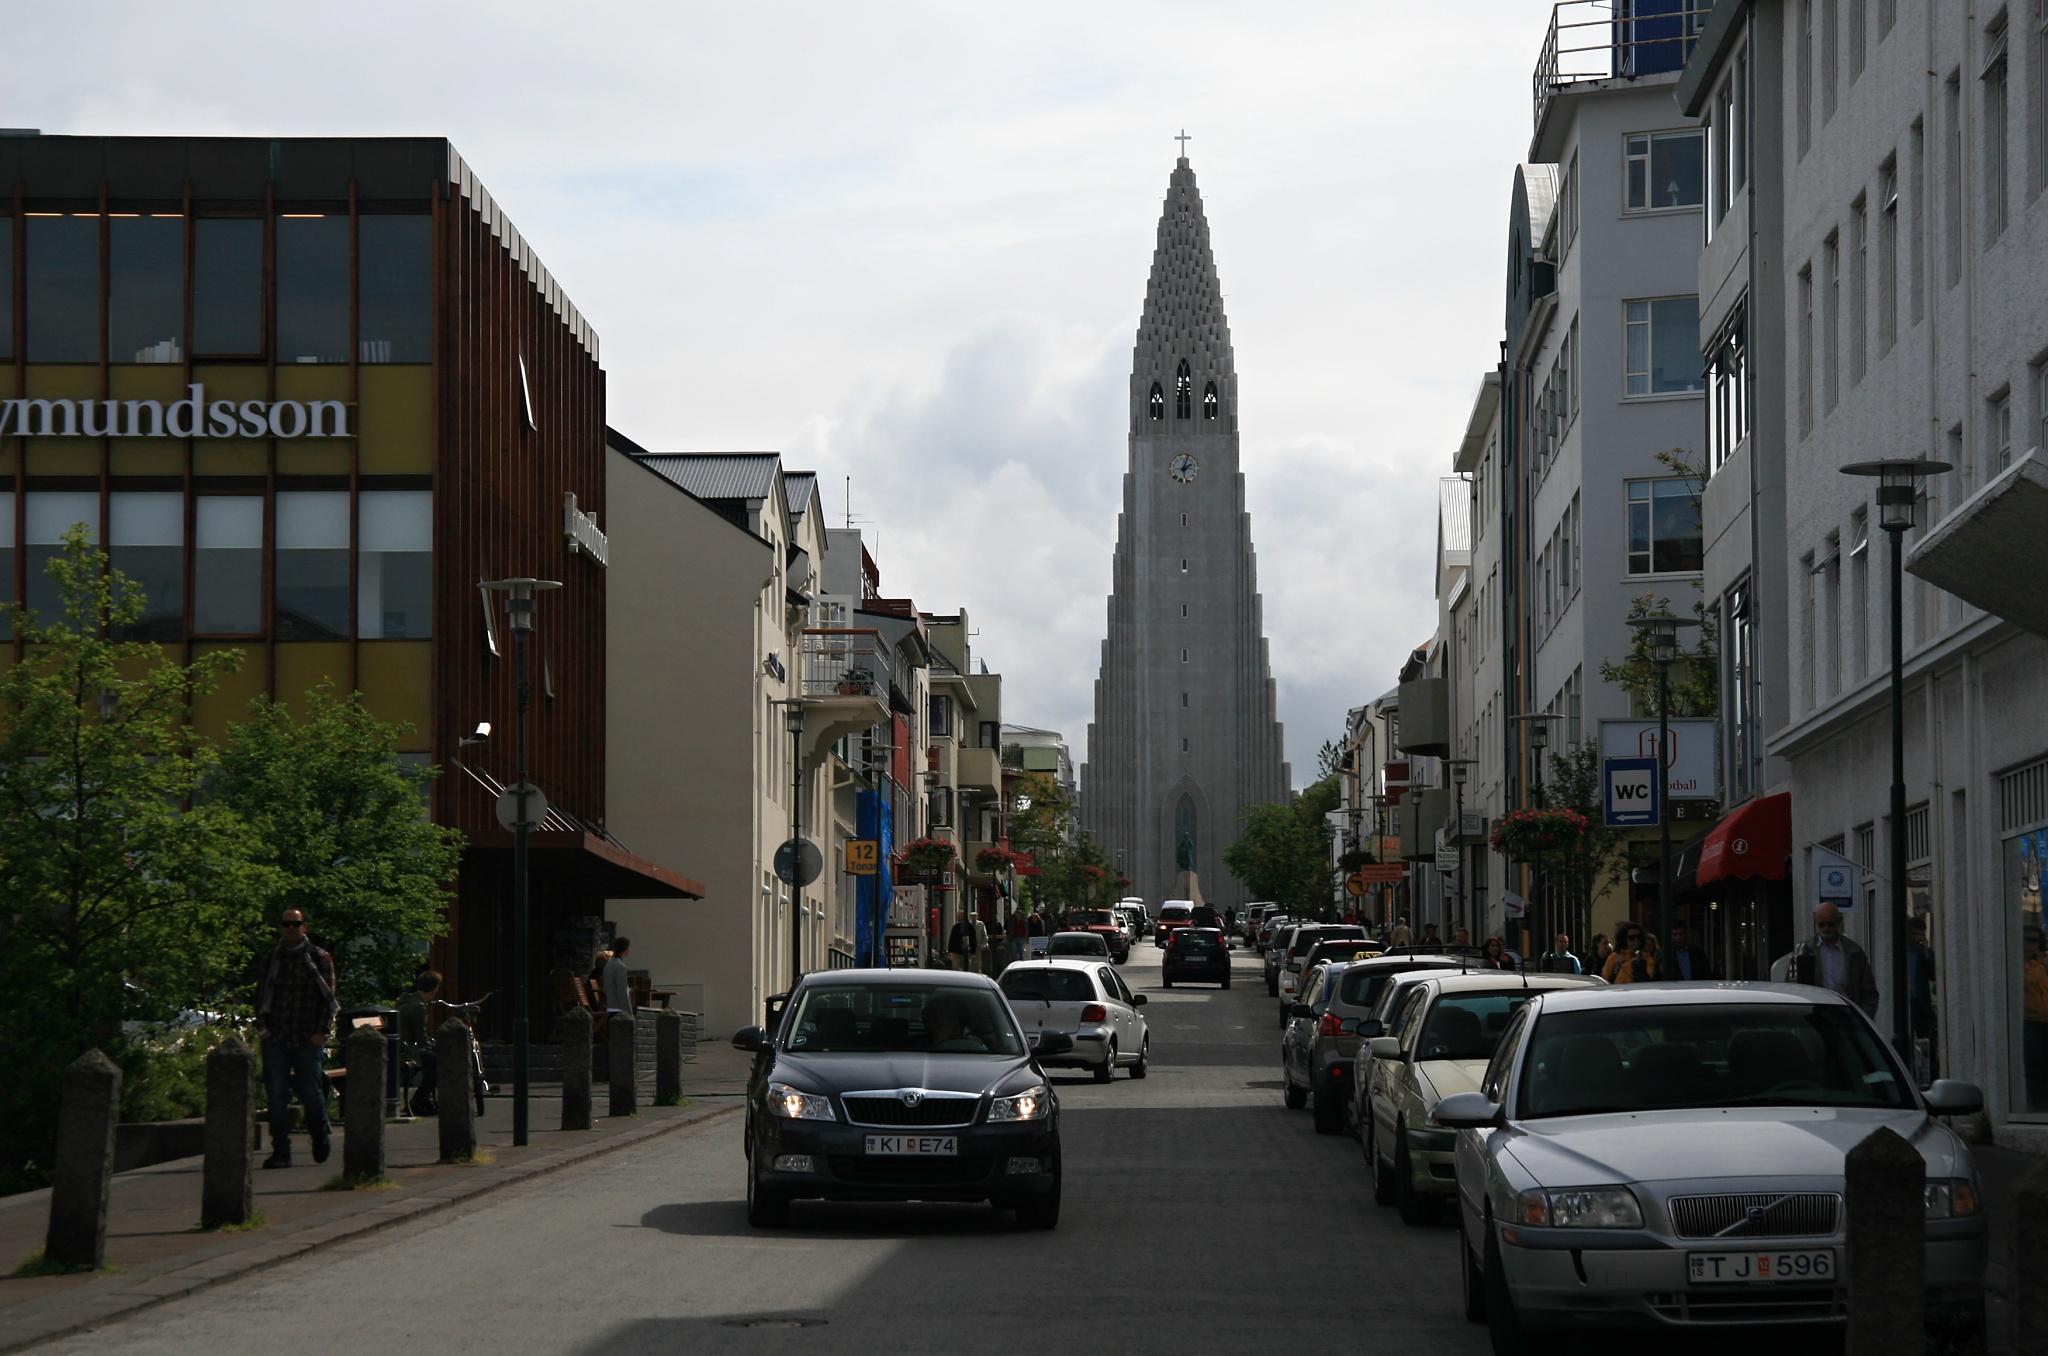 Ulice Skólavörðustígur, v pozadí katedrála Hallgrímskirkja